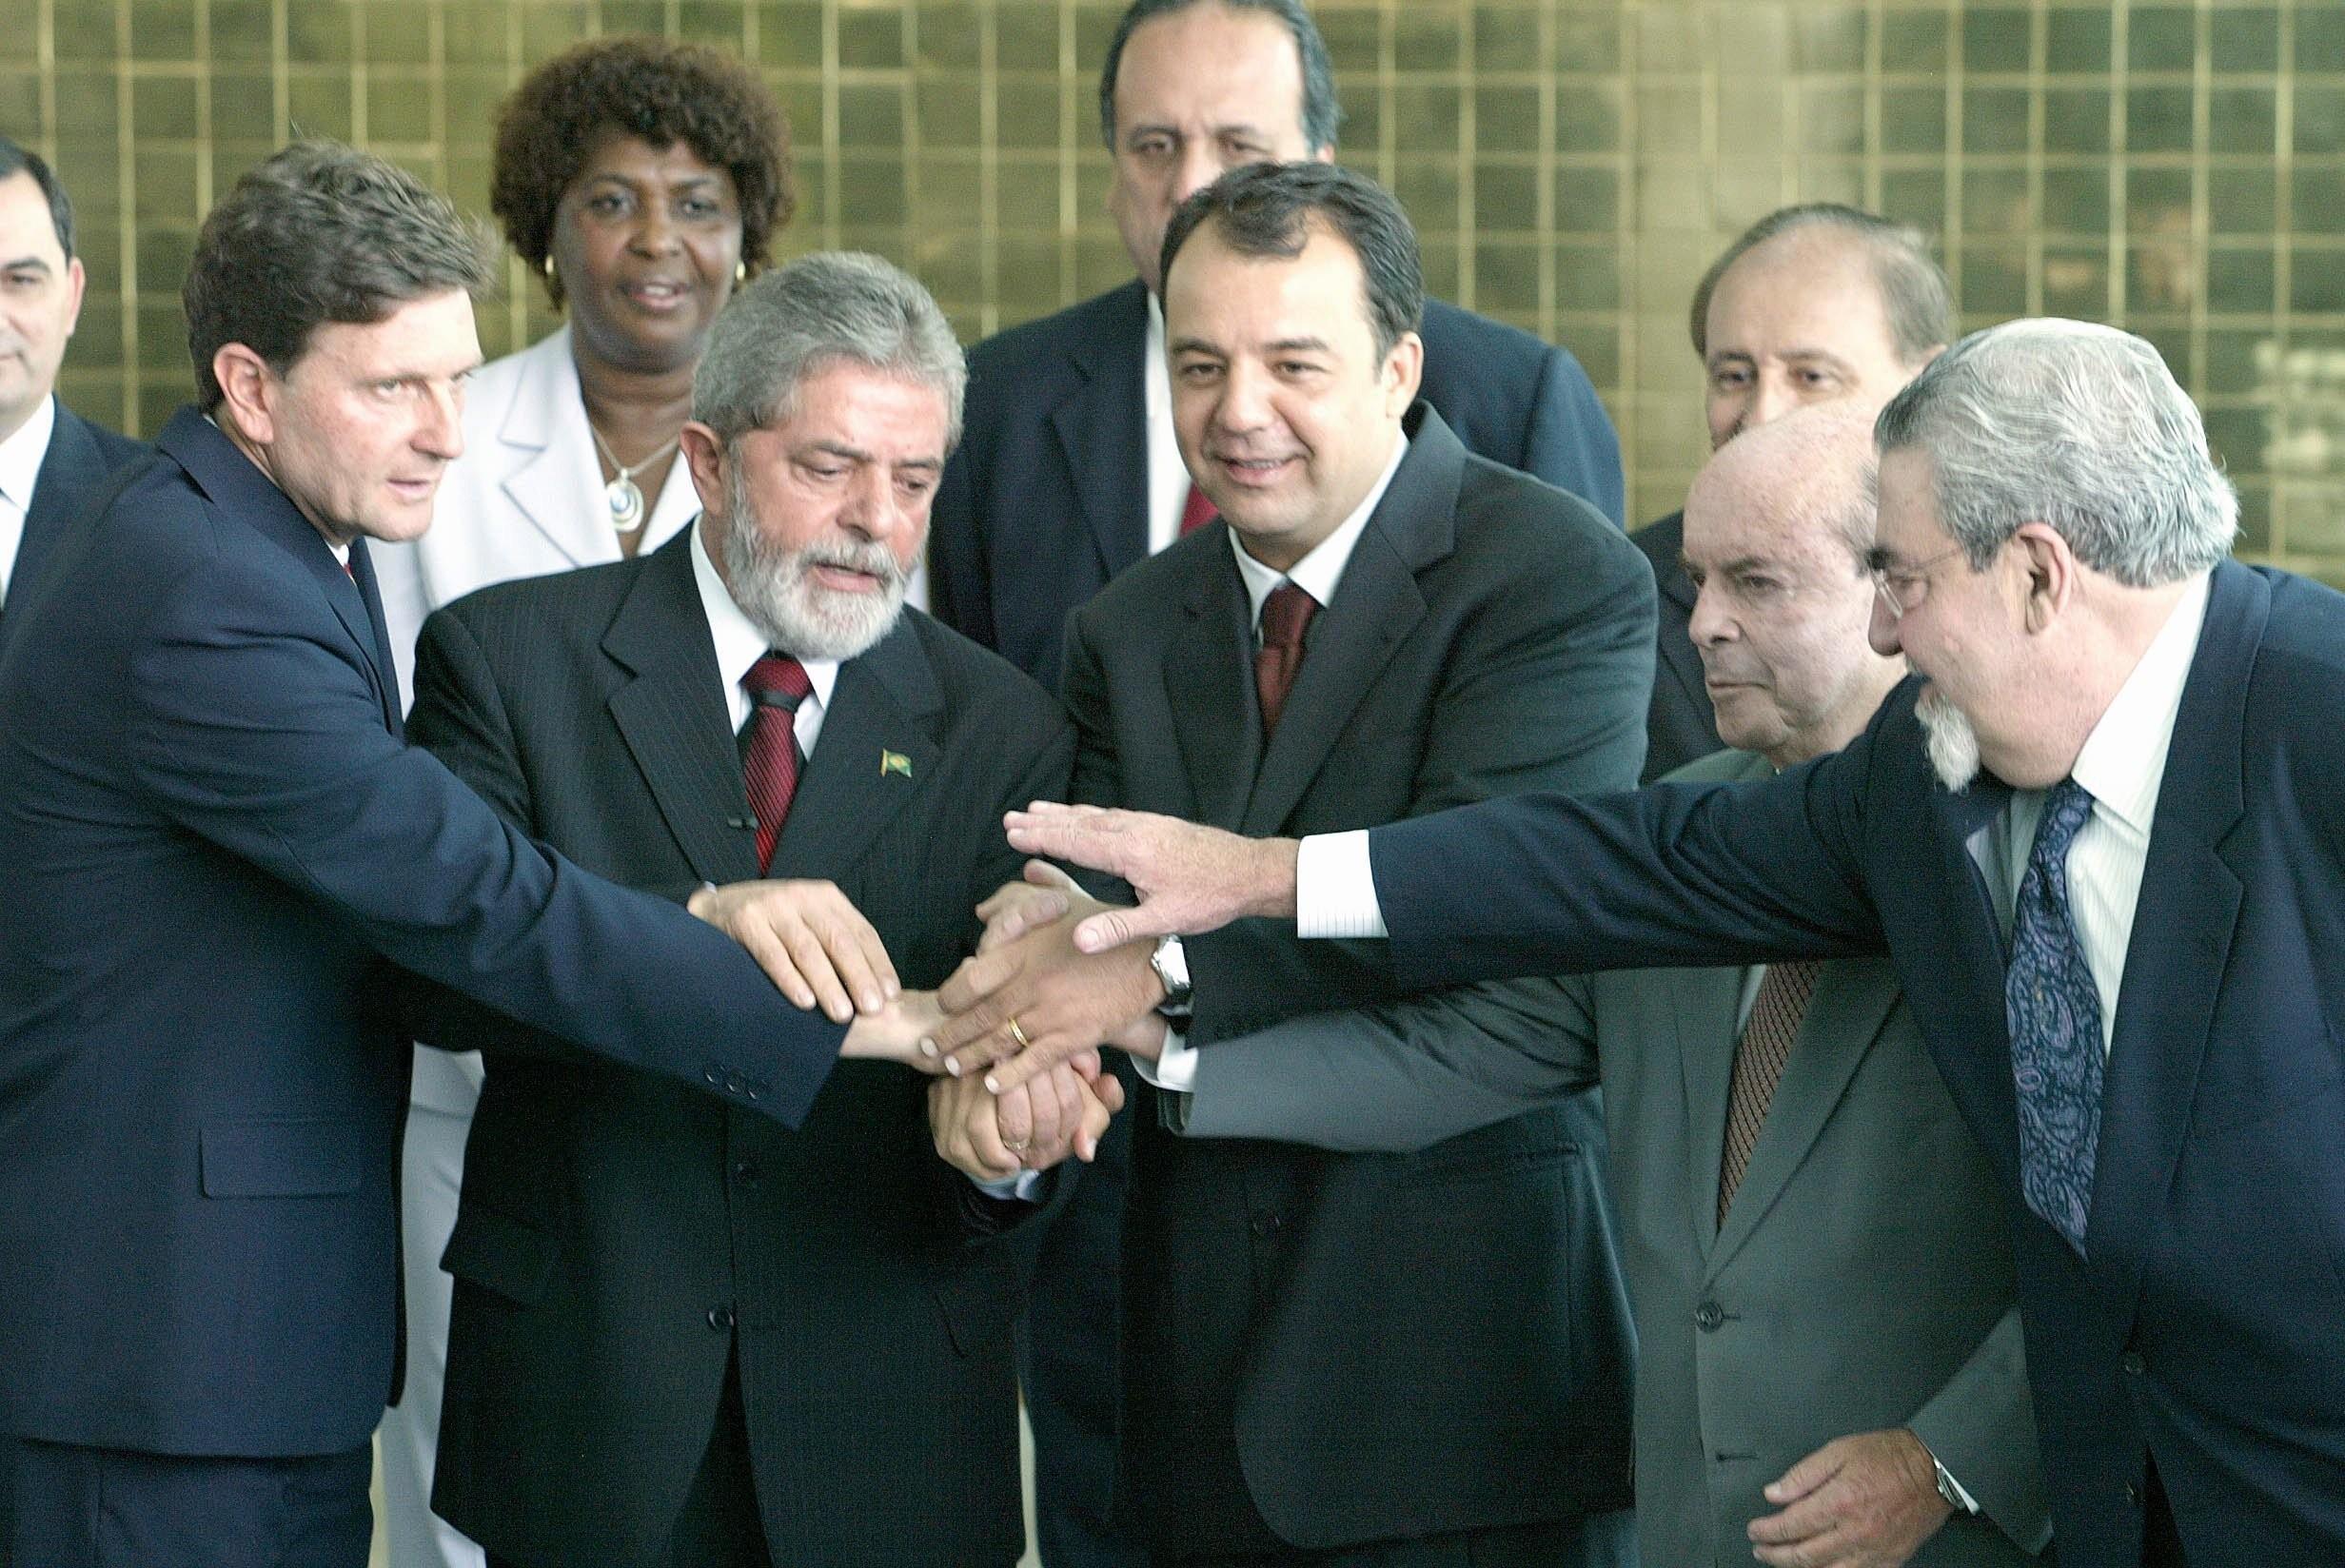 38240830_05102006_-_gustavo_miranda_-_pa_-_o_presidente_lula_recebe_em_solenidade_no_palacio_da_alvo